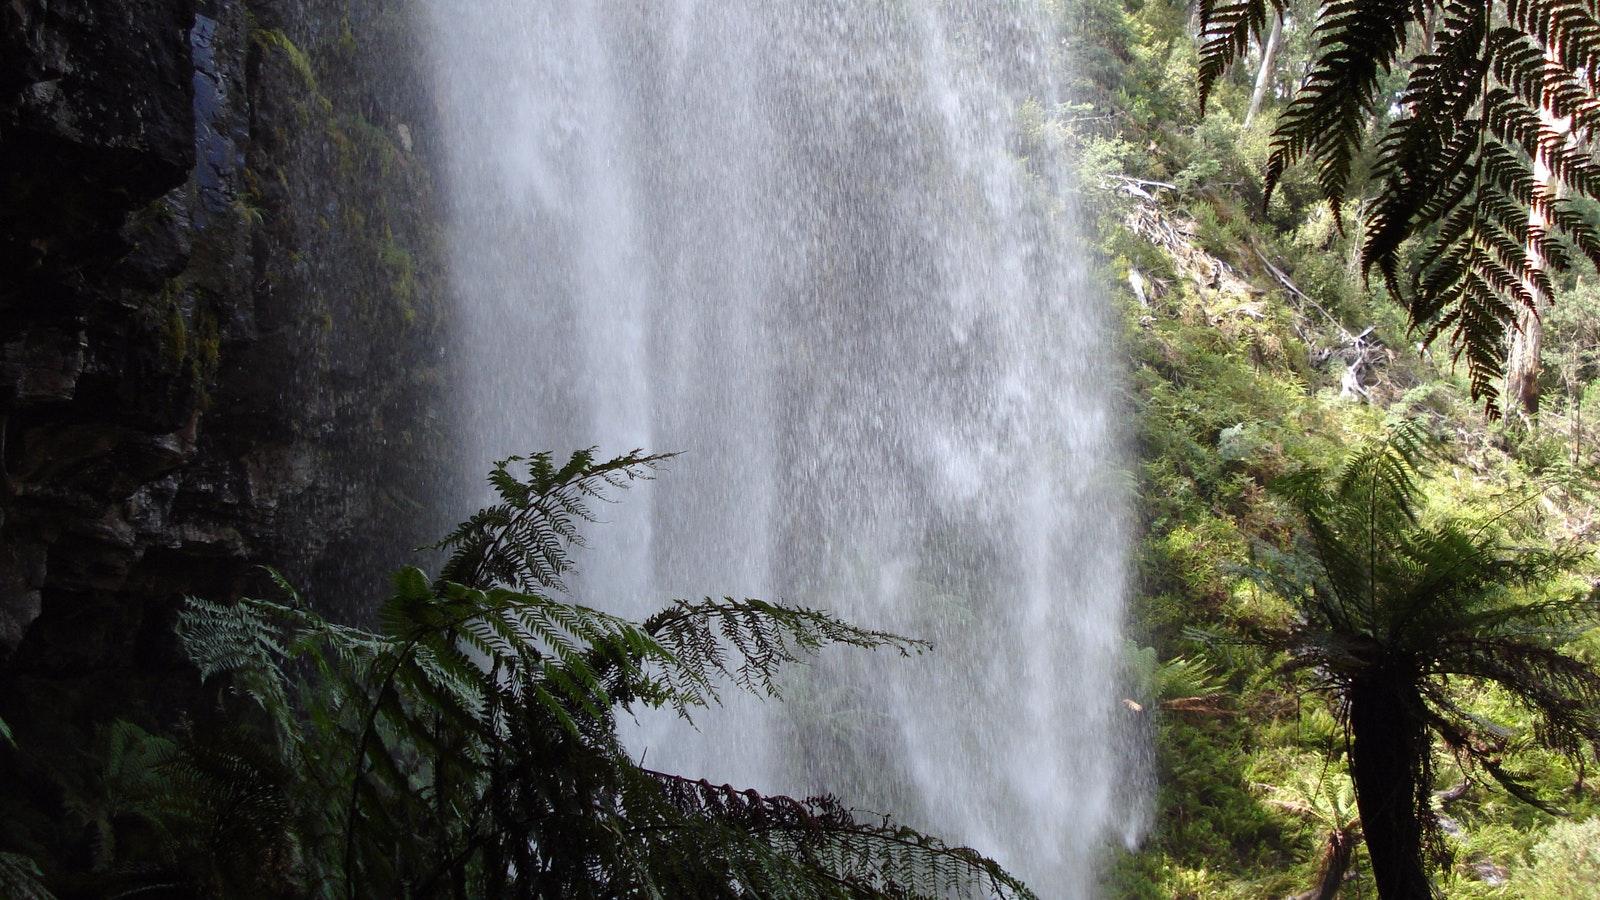 Bindaree Falls and tree ferns